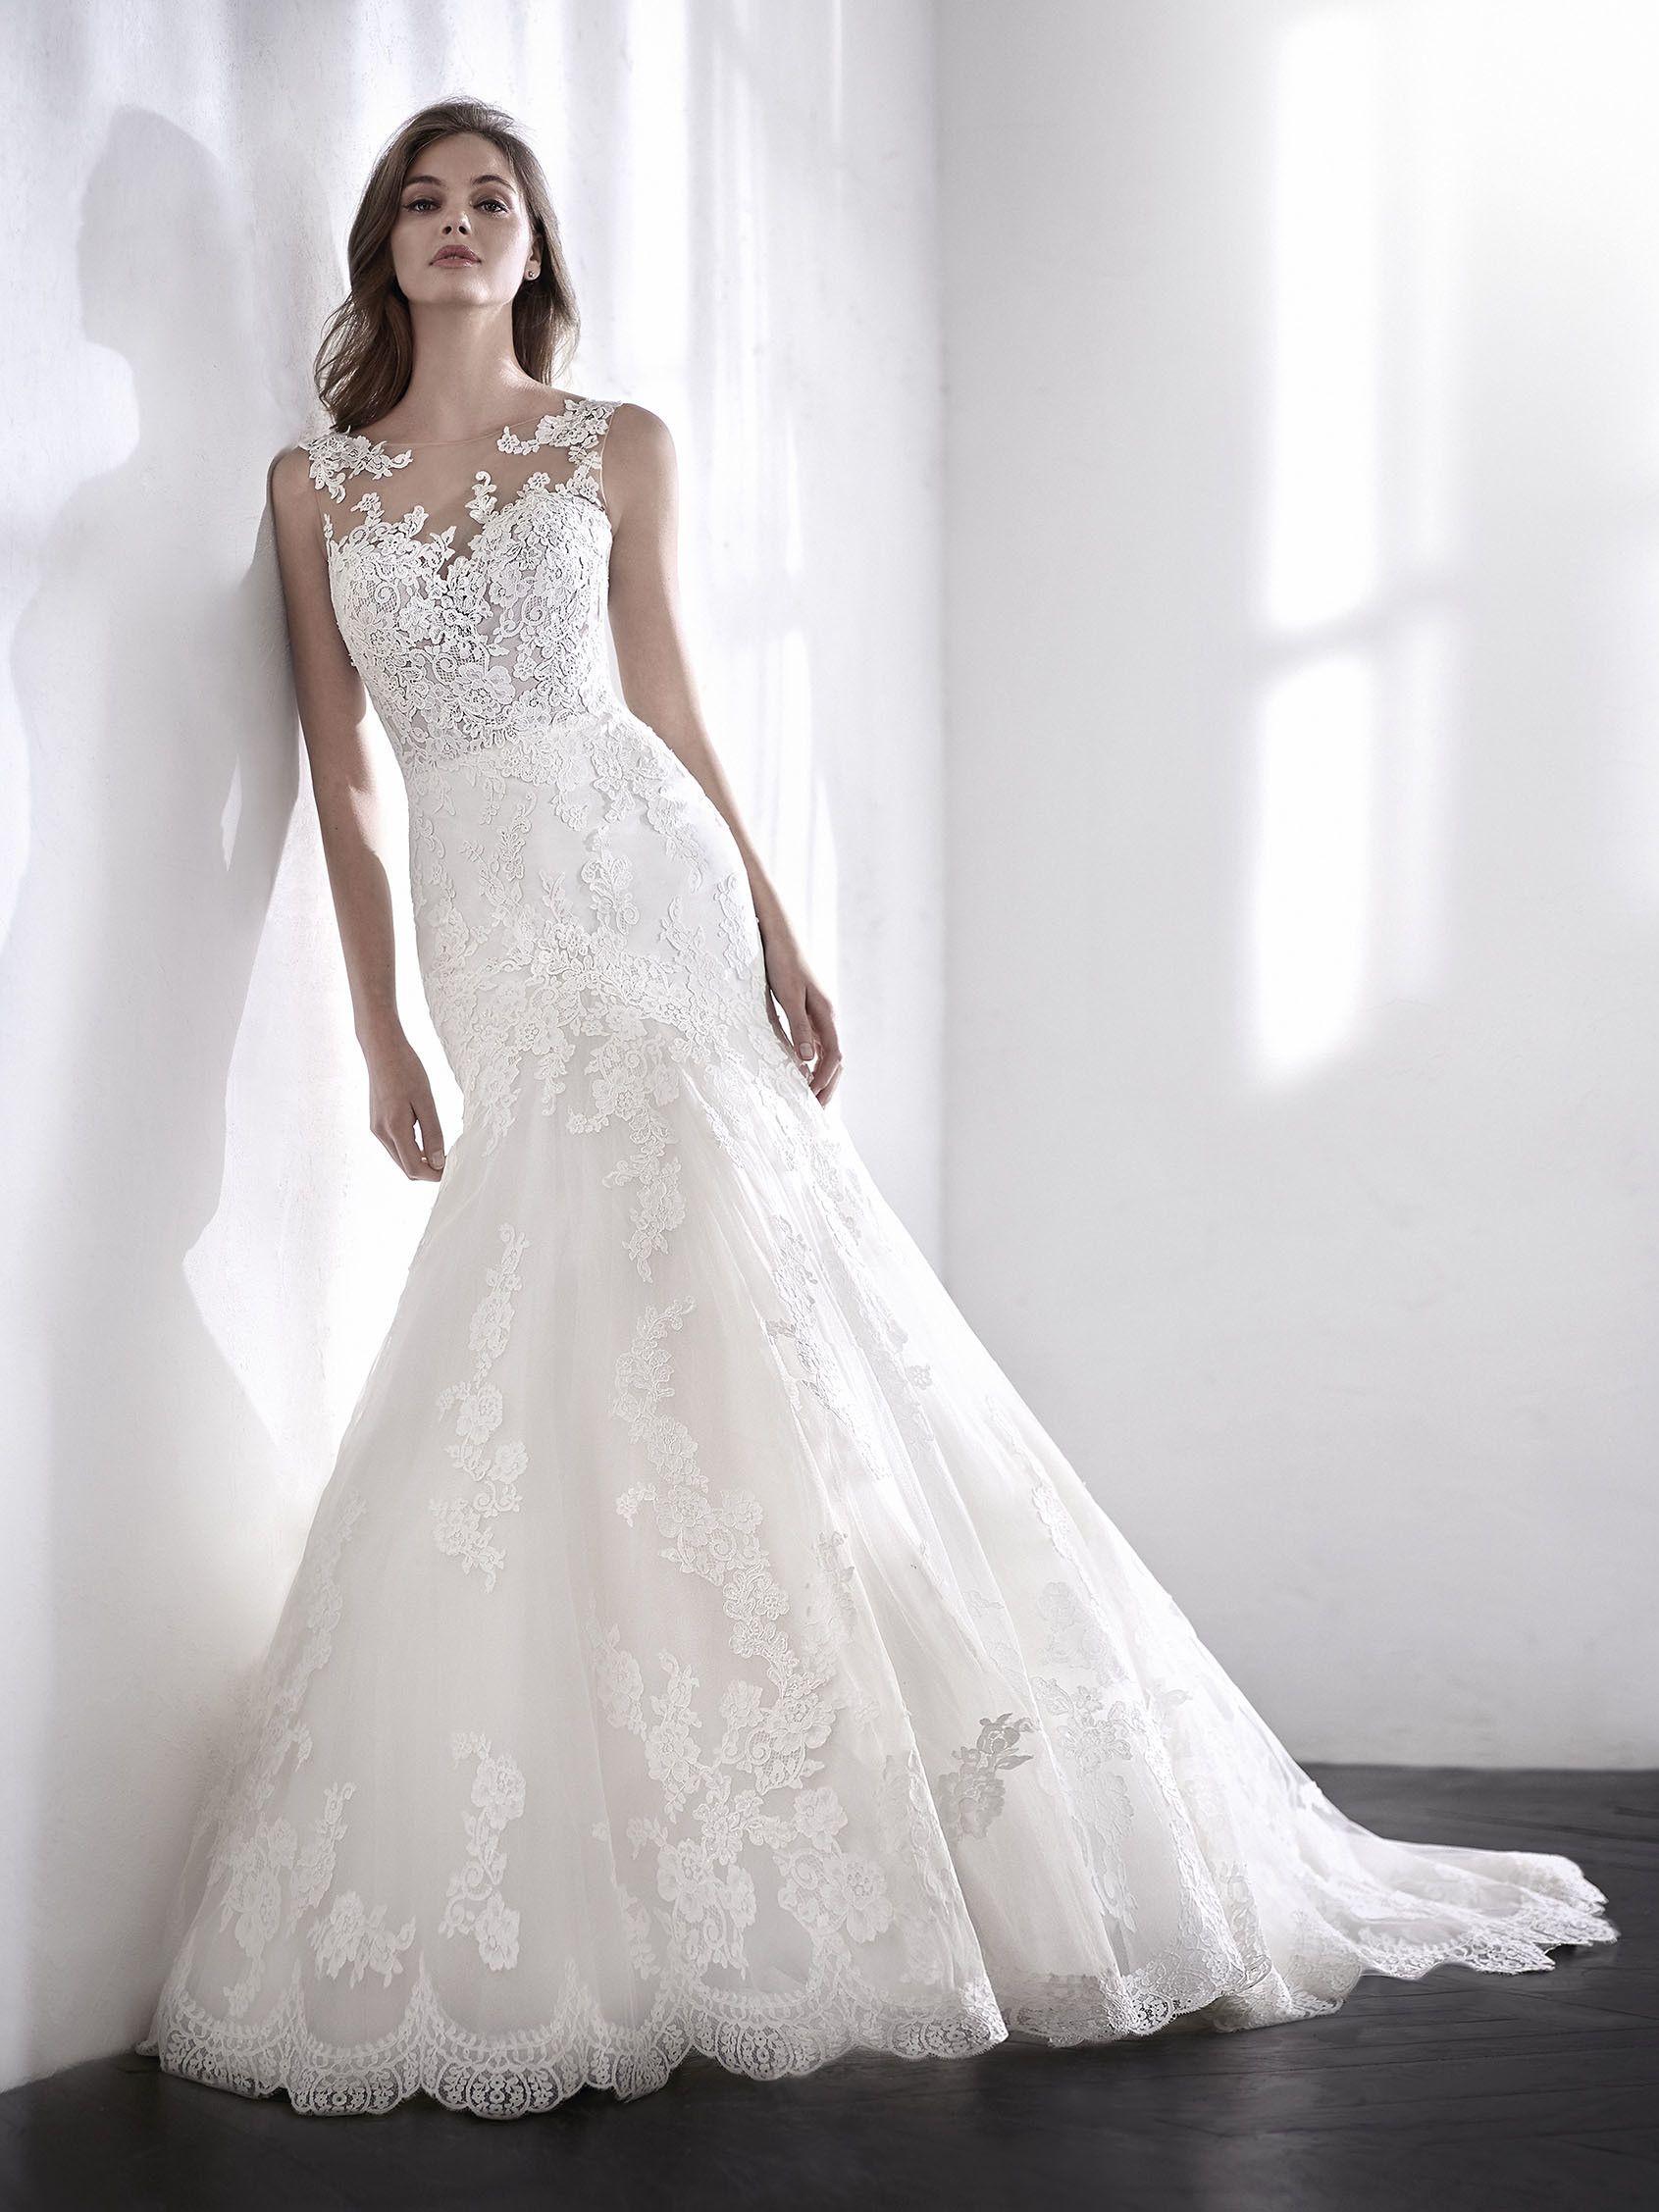 Bezauberndes Brautkleid im Meerjungfrau-Stil aus Tüll und Spitze